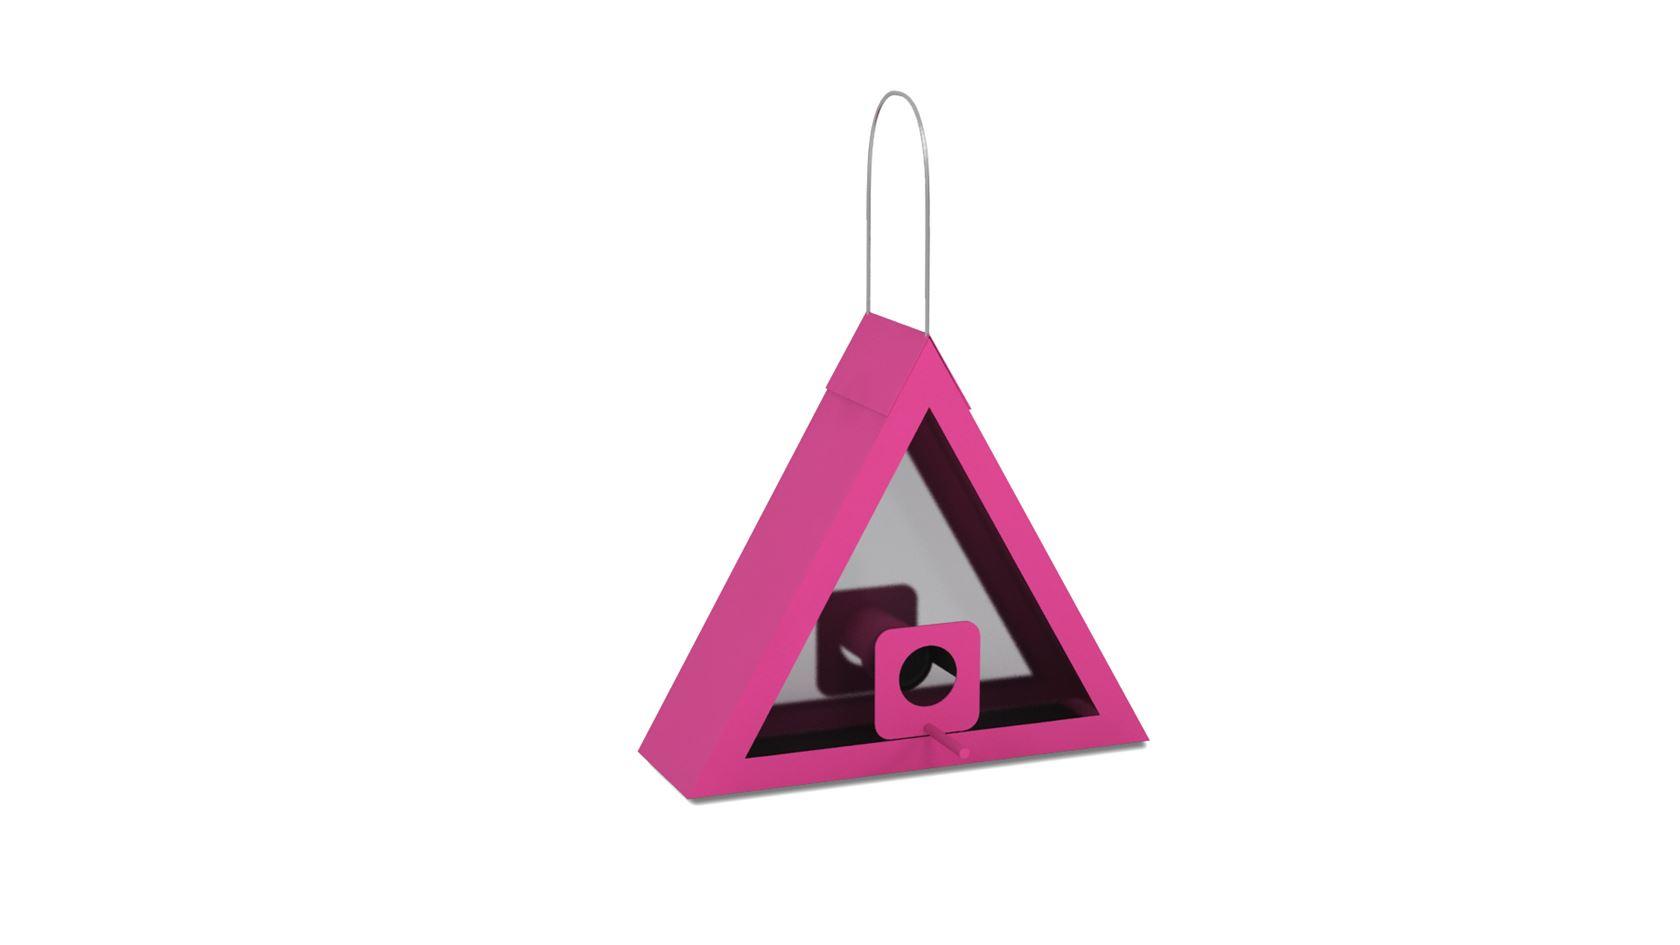 benelux voedersilo triangel roze